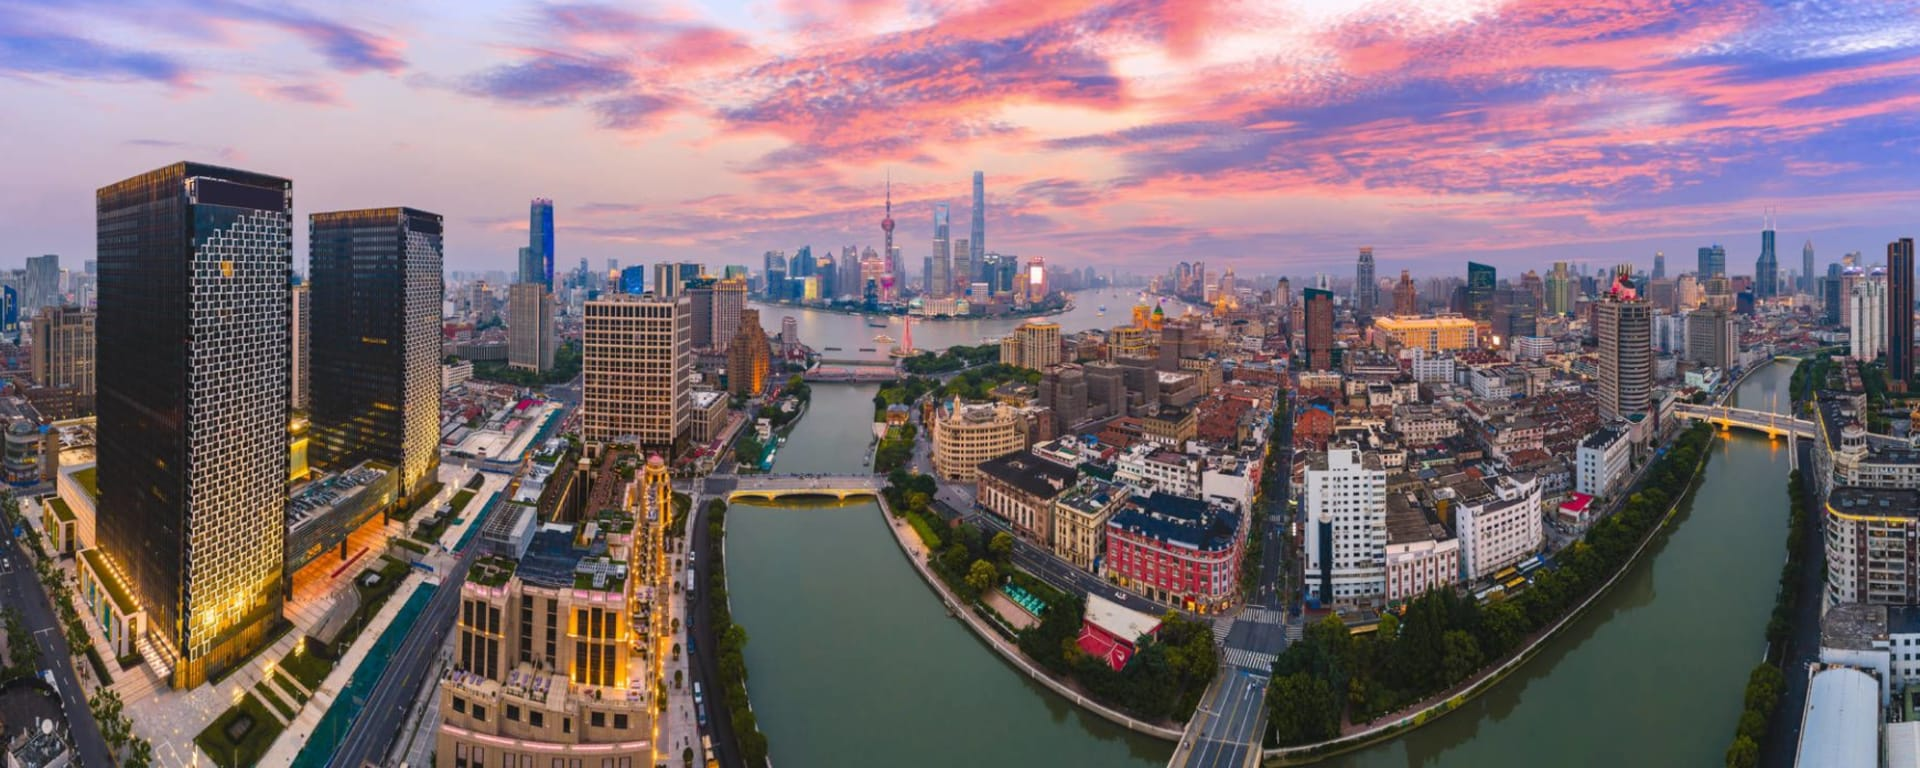 Tout savoir sur les voyages et les vacances en Chine: Shanghai at sunset